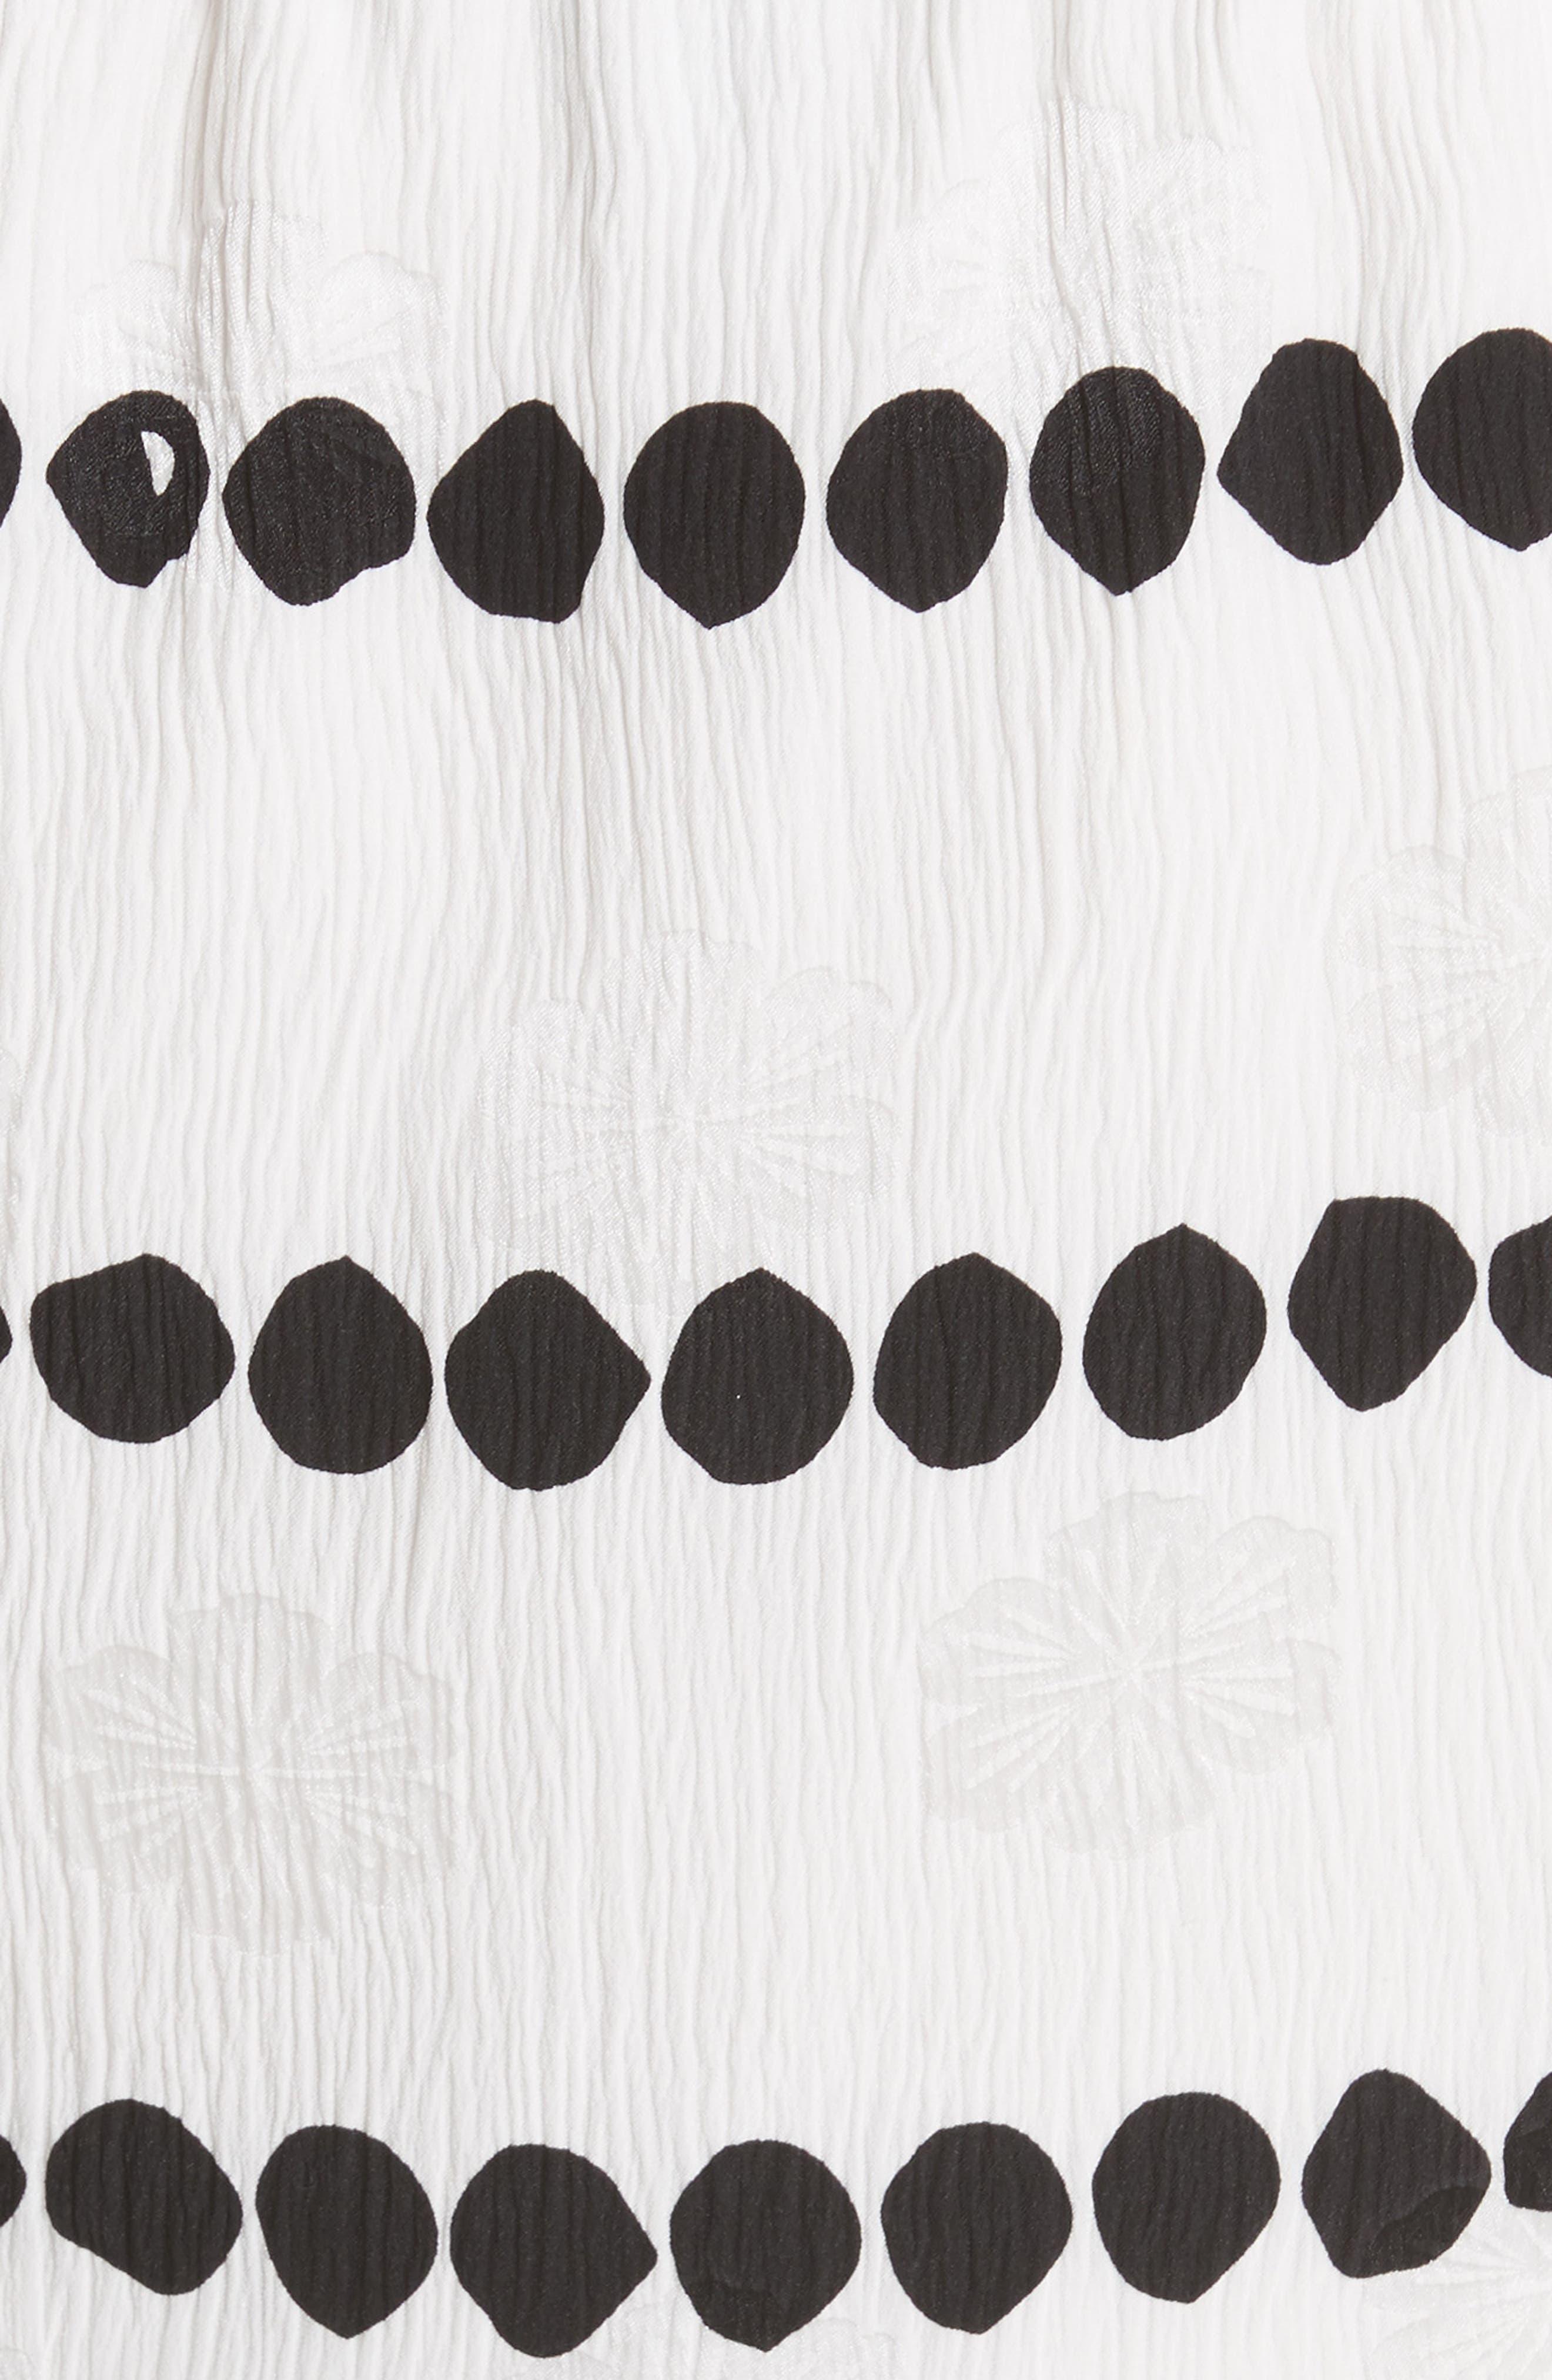 Off the Shoulder Polka Dot Top,                             Alternate thumbnail 5, color,                             103